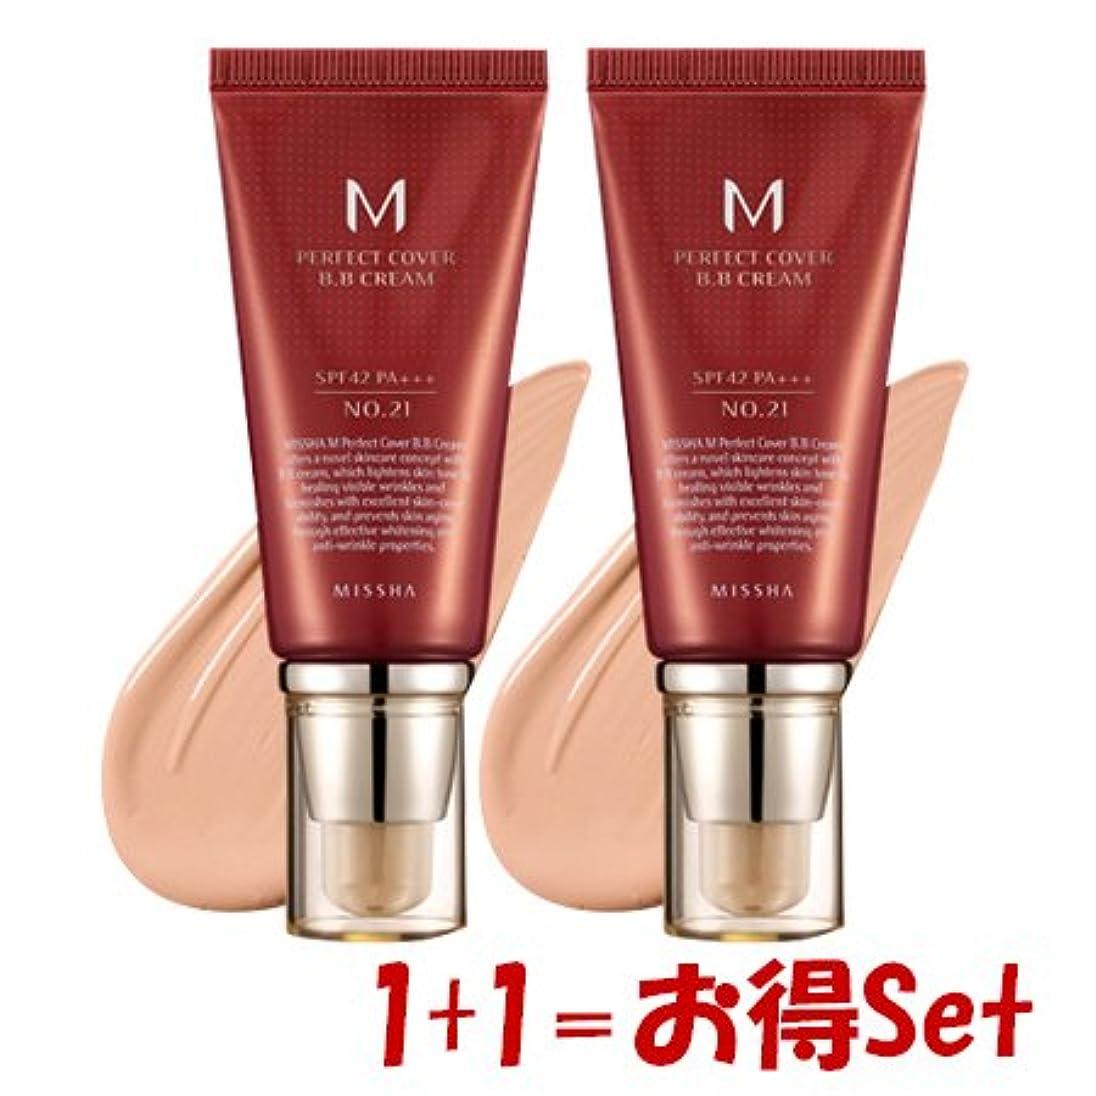 金額制約切り刻むMISSHA(ミシャ) M Perfect Cover パーフェクトカバーBBクリーム 21号+ 21号(1+1=Set) [並行輸入品]